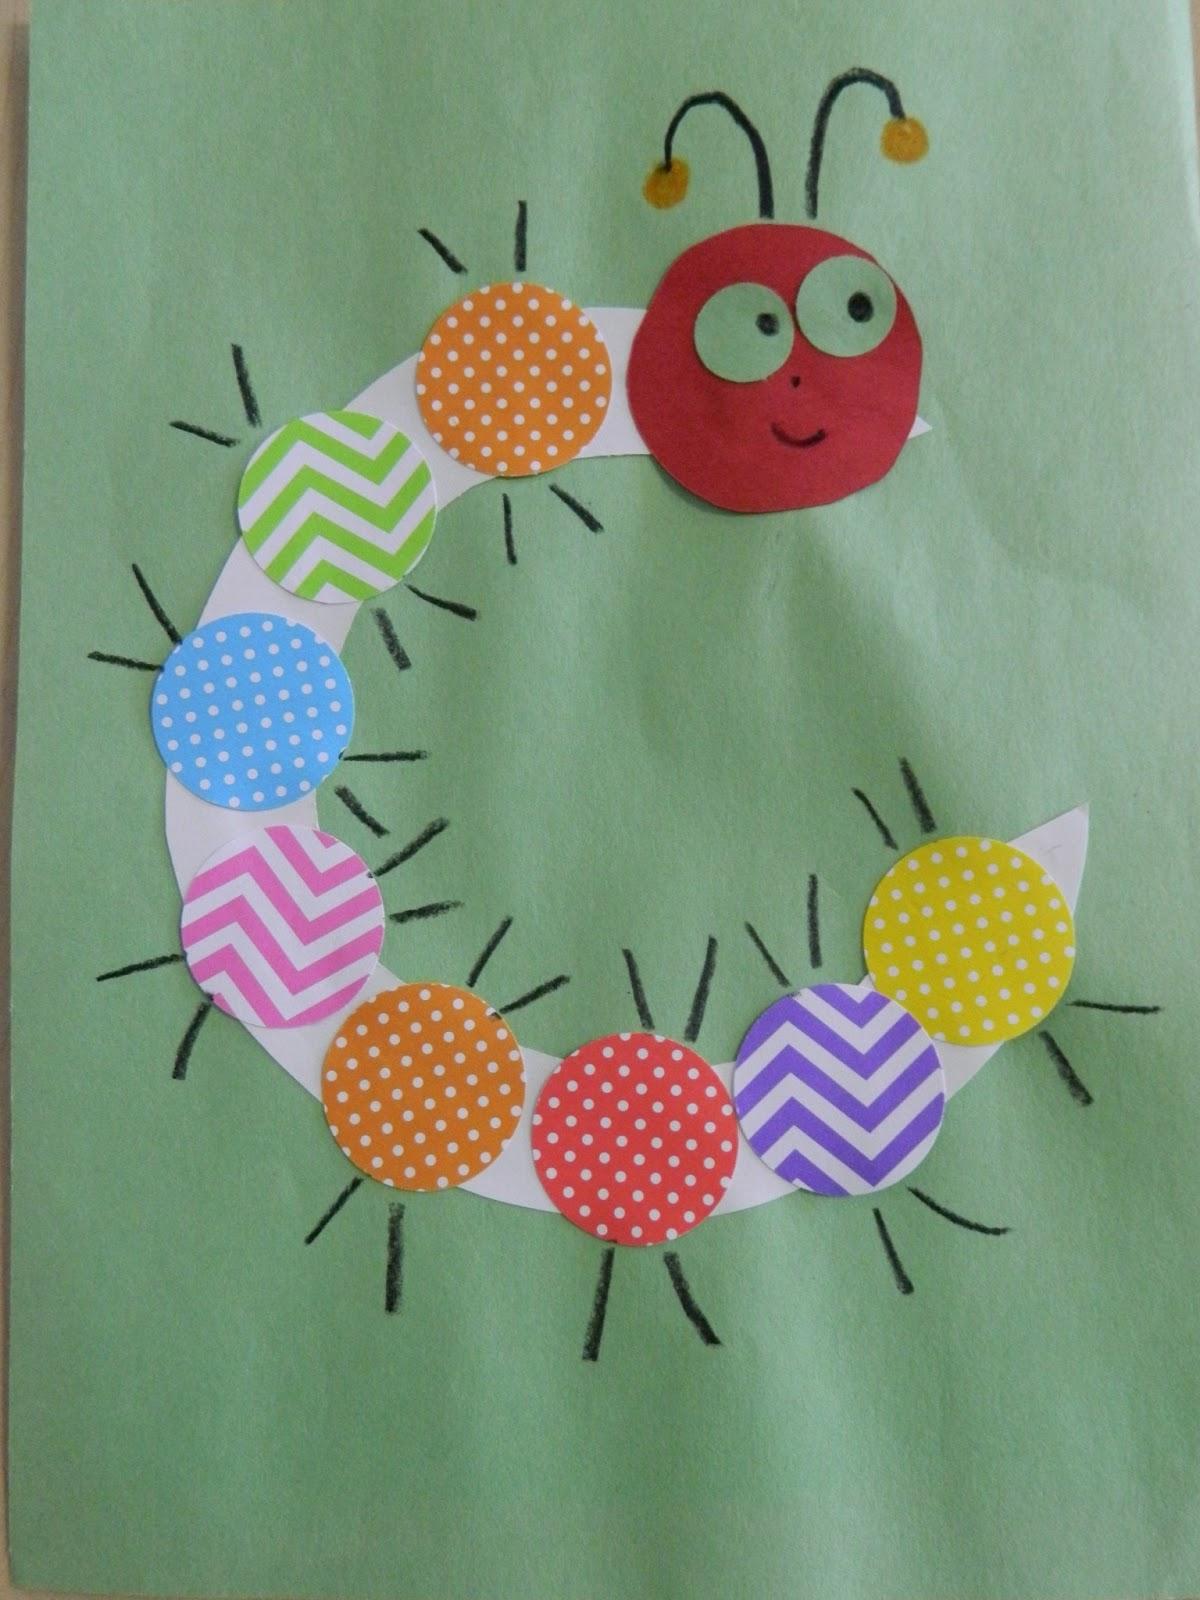 The Vintage Umbrella Preschool Alphabet Project A H